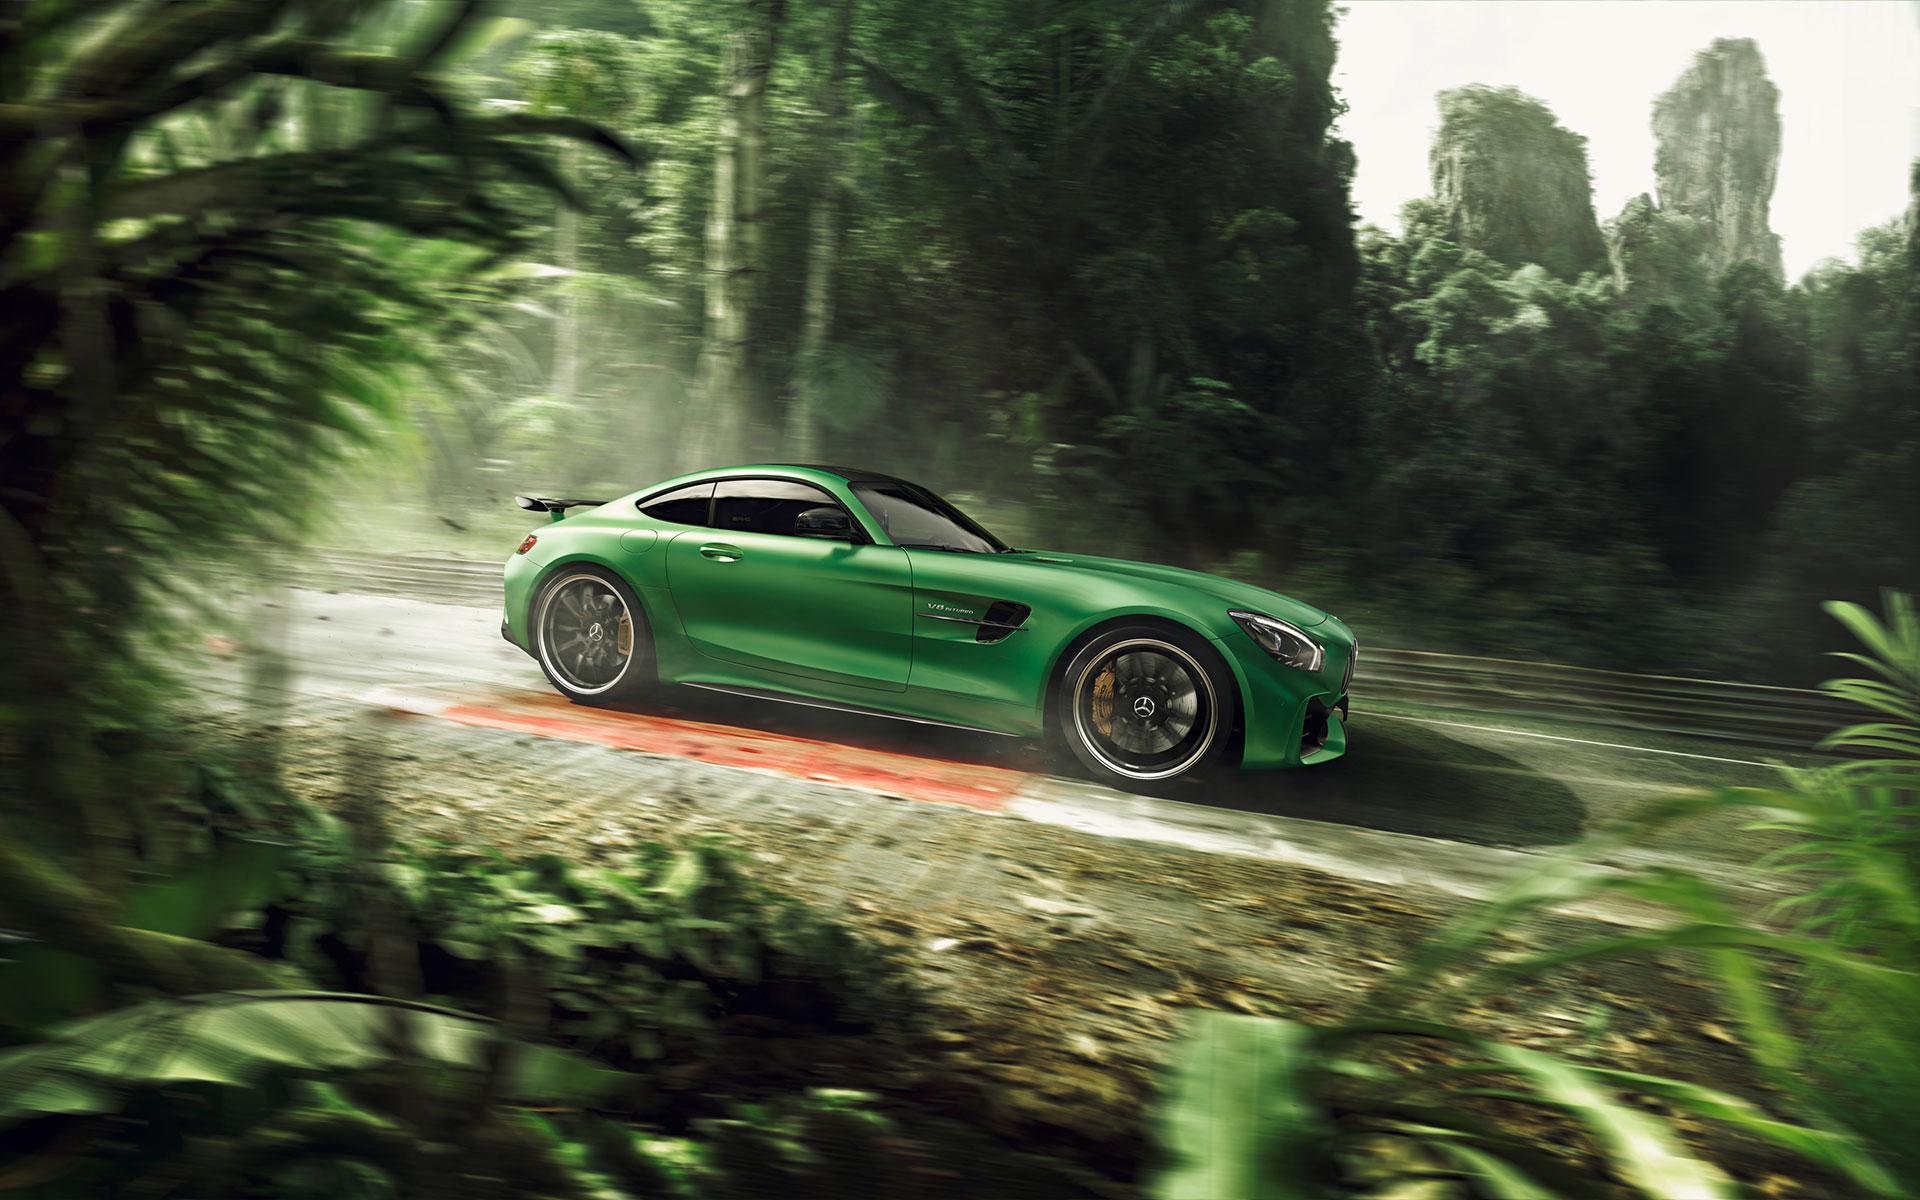 Mercedes Halm AMG-R